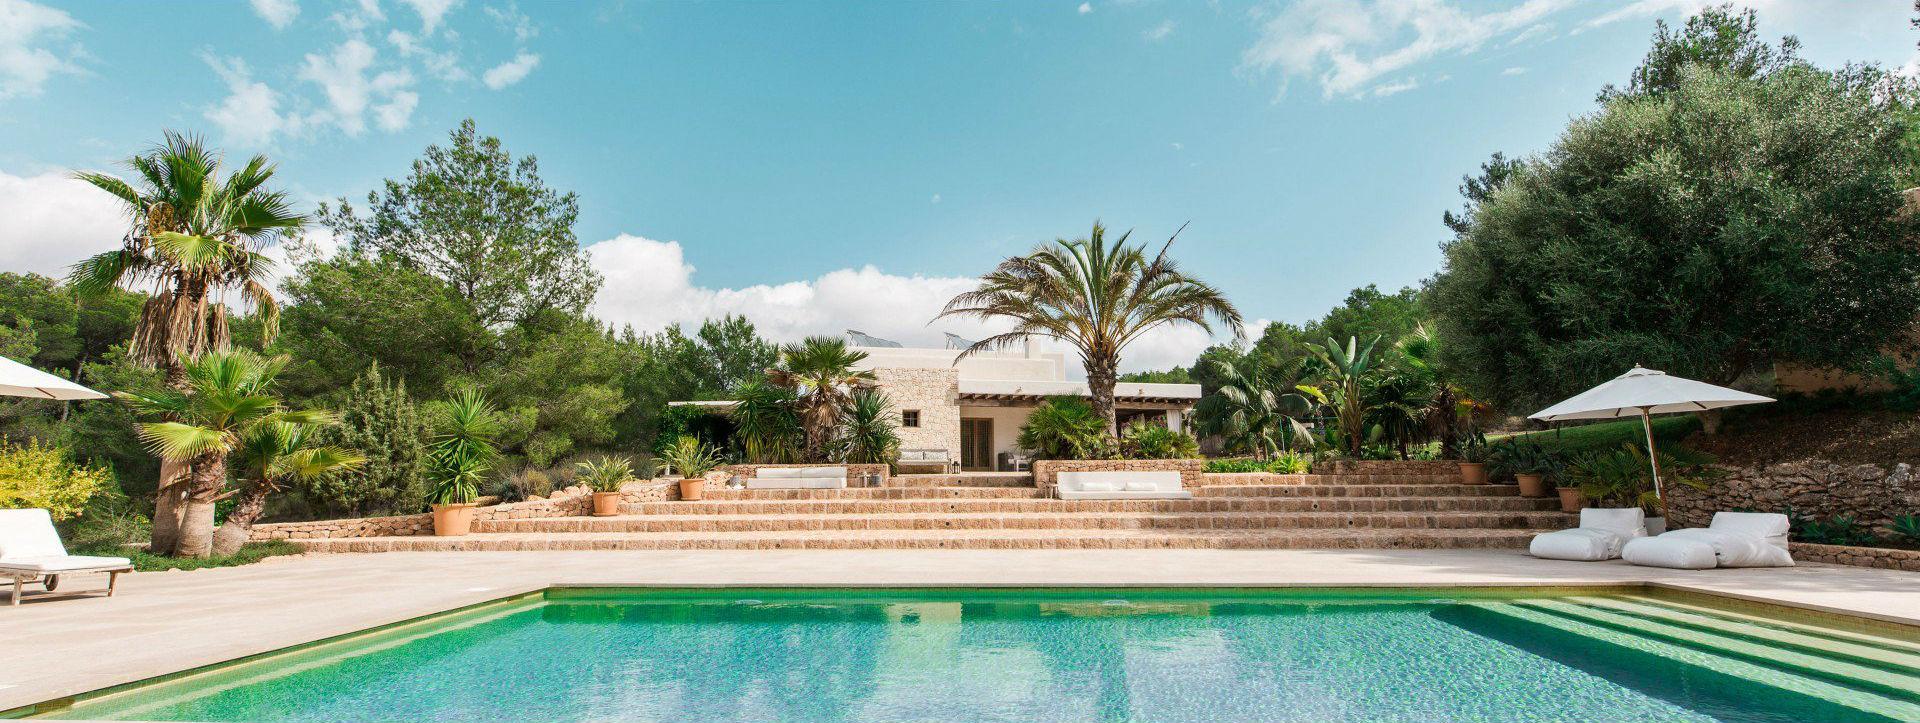 Location de villa ibiza ibiza experience for Villa a ibiza